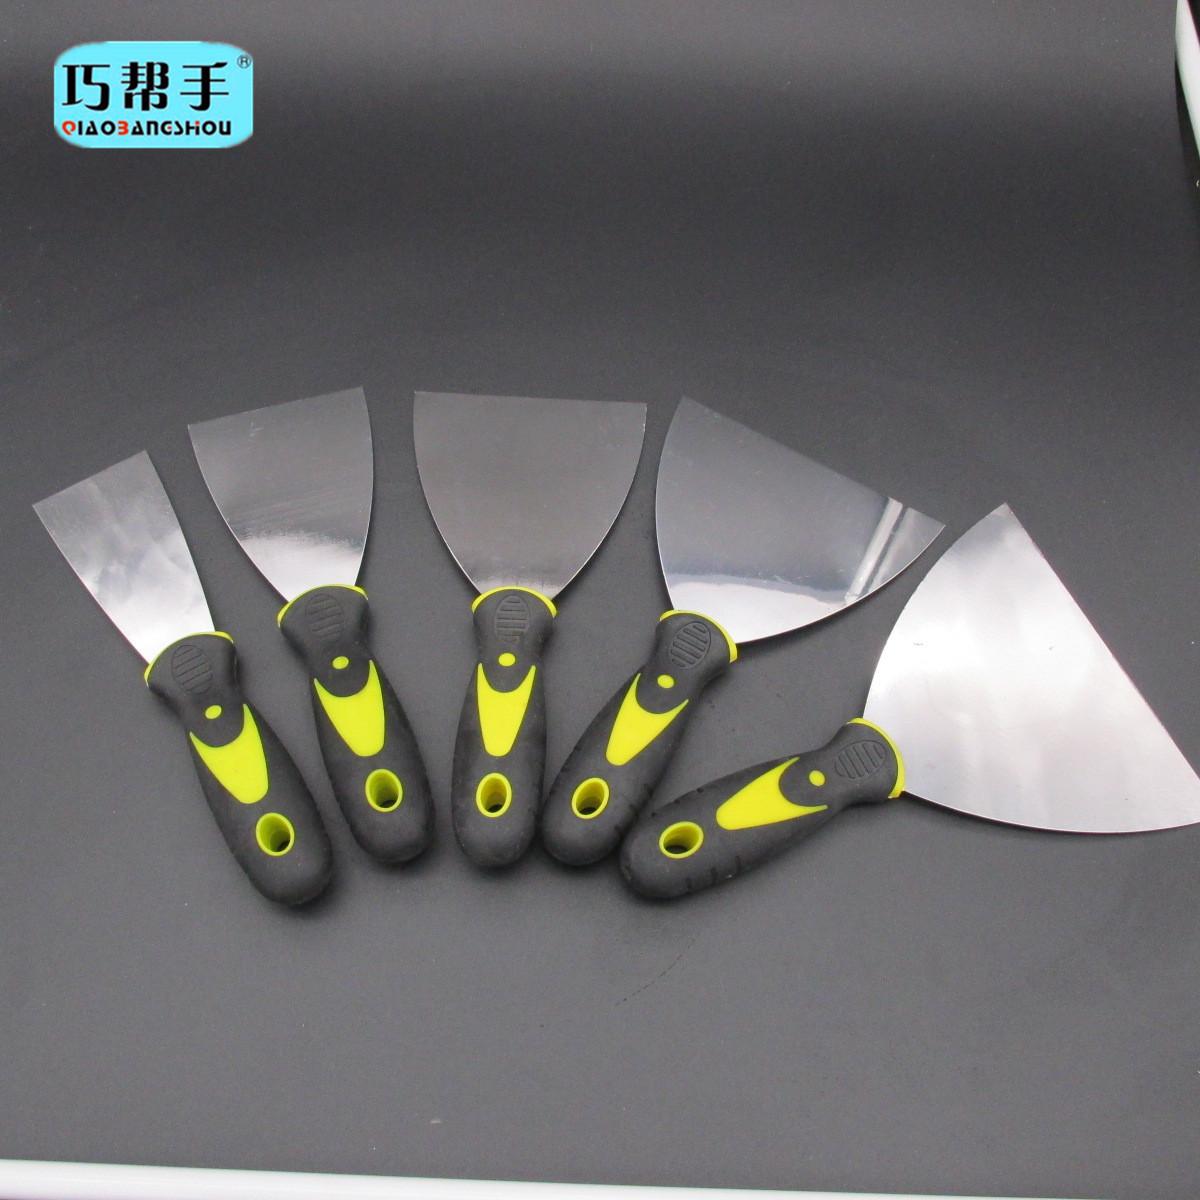 QIAOBANGSHOU Công cụ nghề mộc Nhà máy giá bán buôn gương đôi màu xử lý putty dao nhựa xử lý putty da